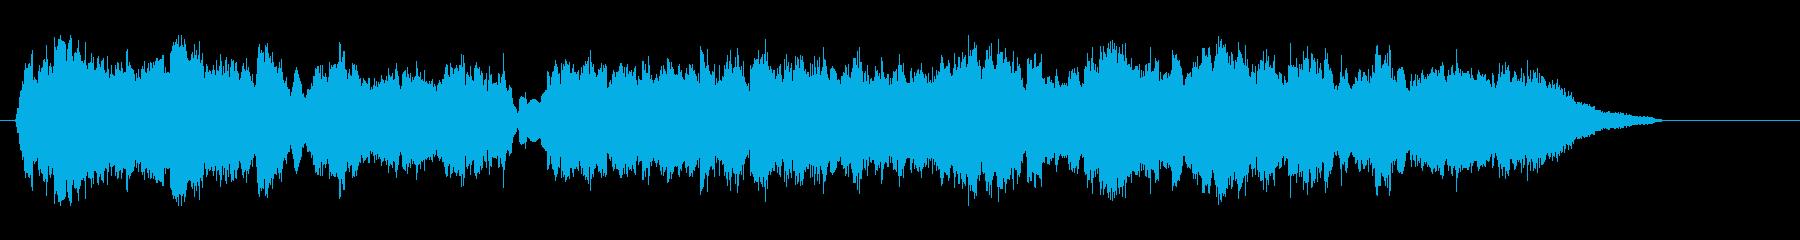 ハートフルで切ないベルベット・ポップスの再生済みの波形